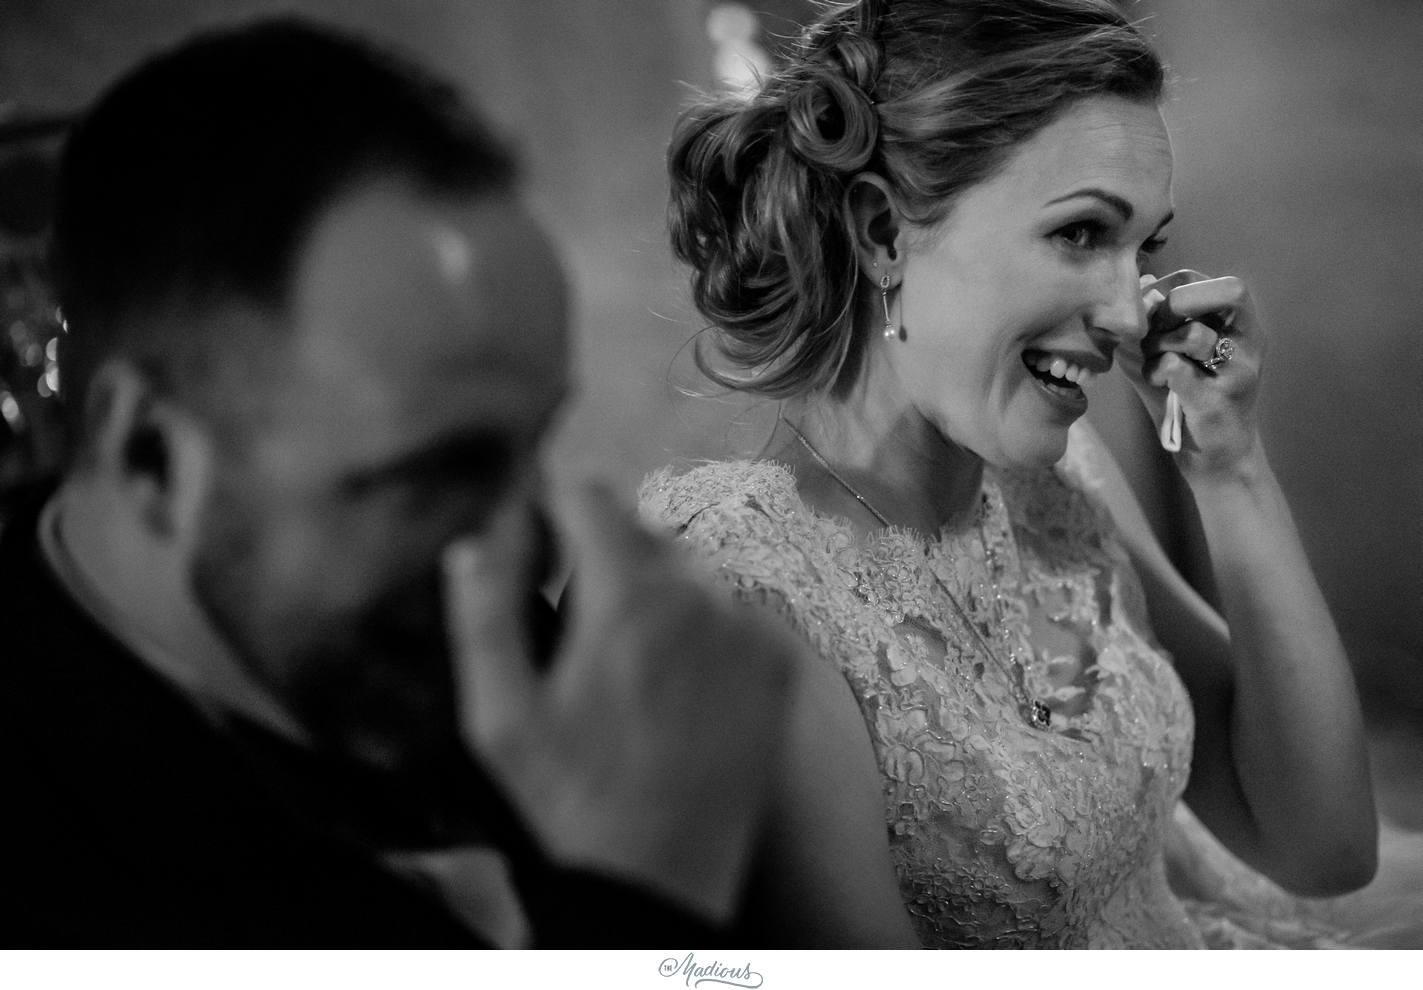 Balbegno_Dunnotar_Castle_Scottland_Wedding_63.jpg